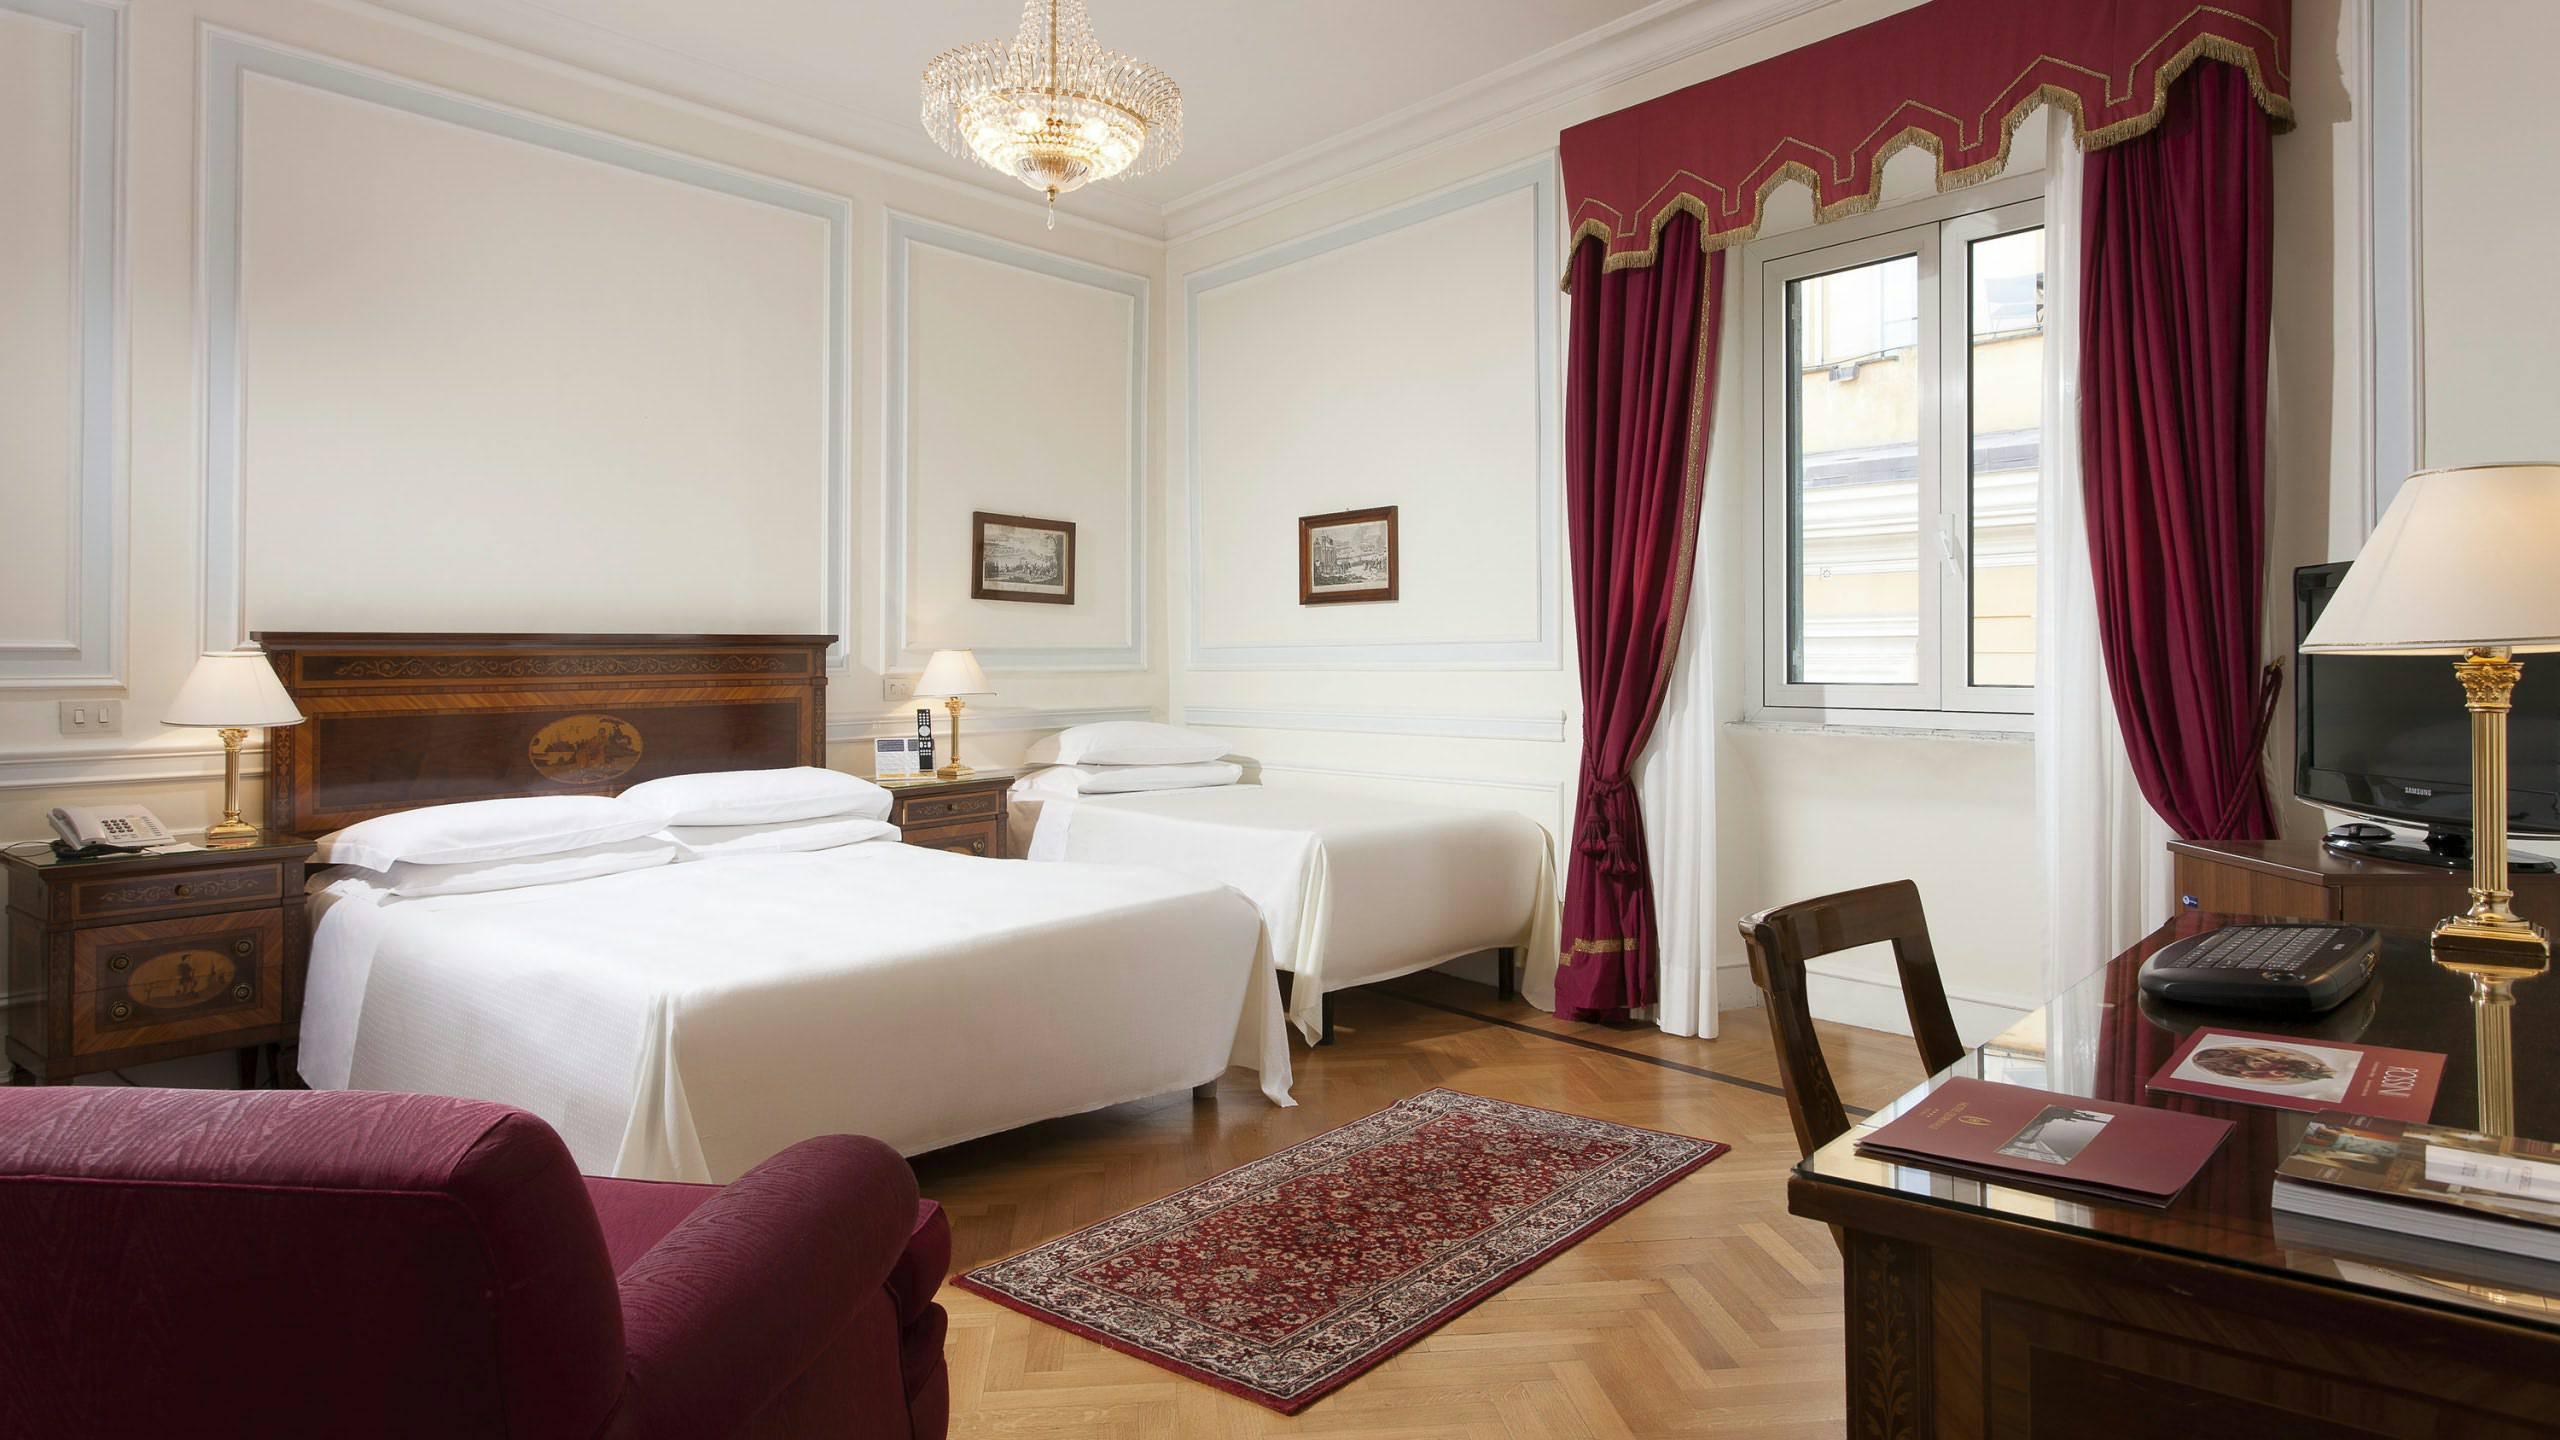 Hotel-Quirinale-Roma-camera-tripla-68